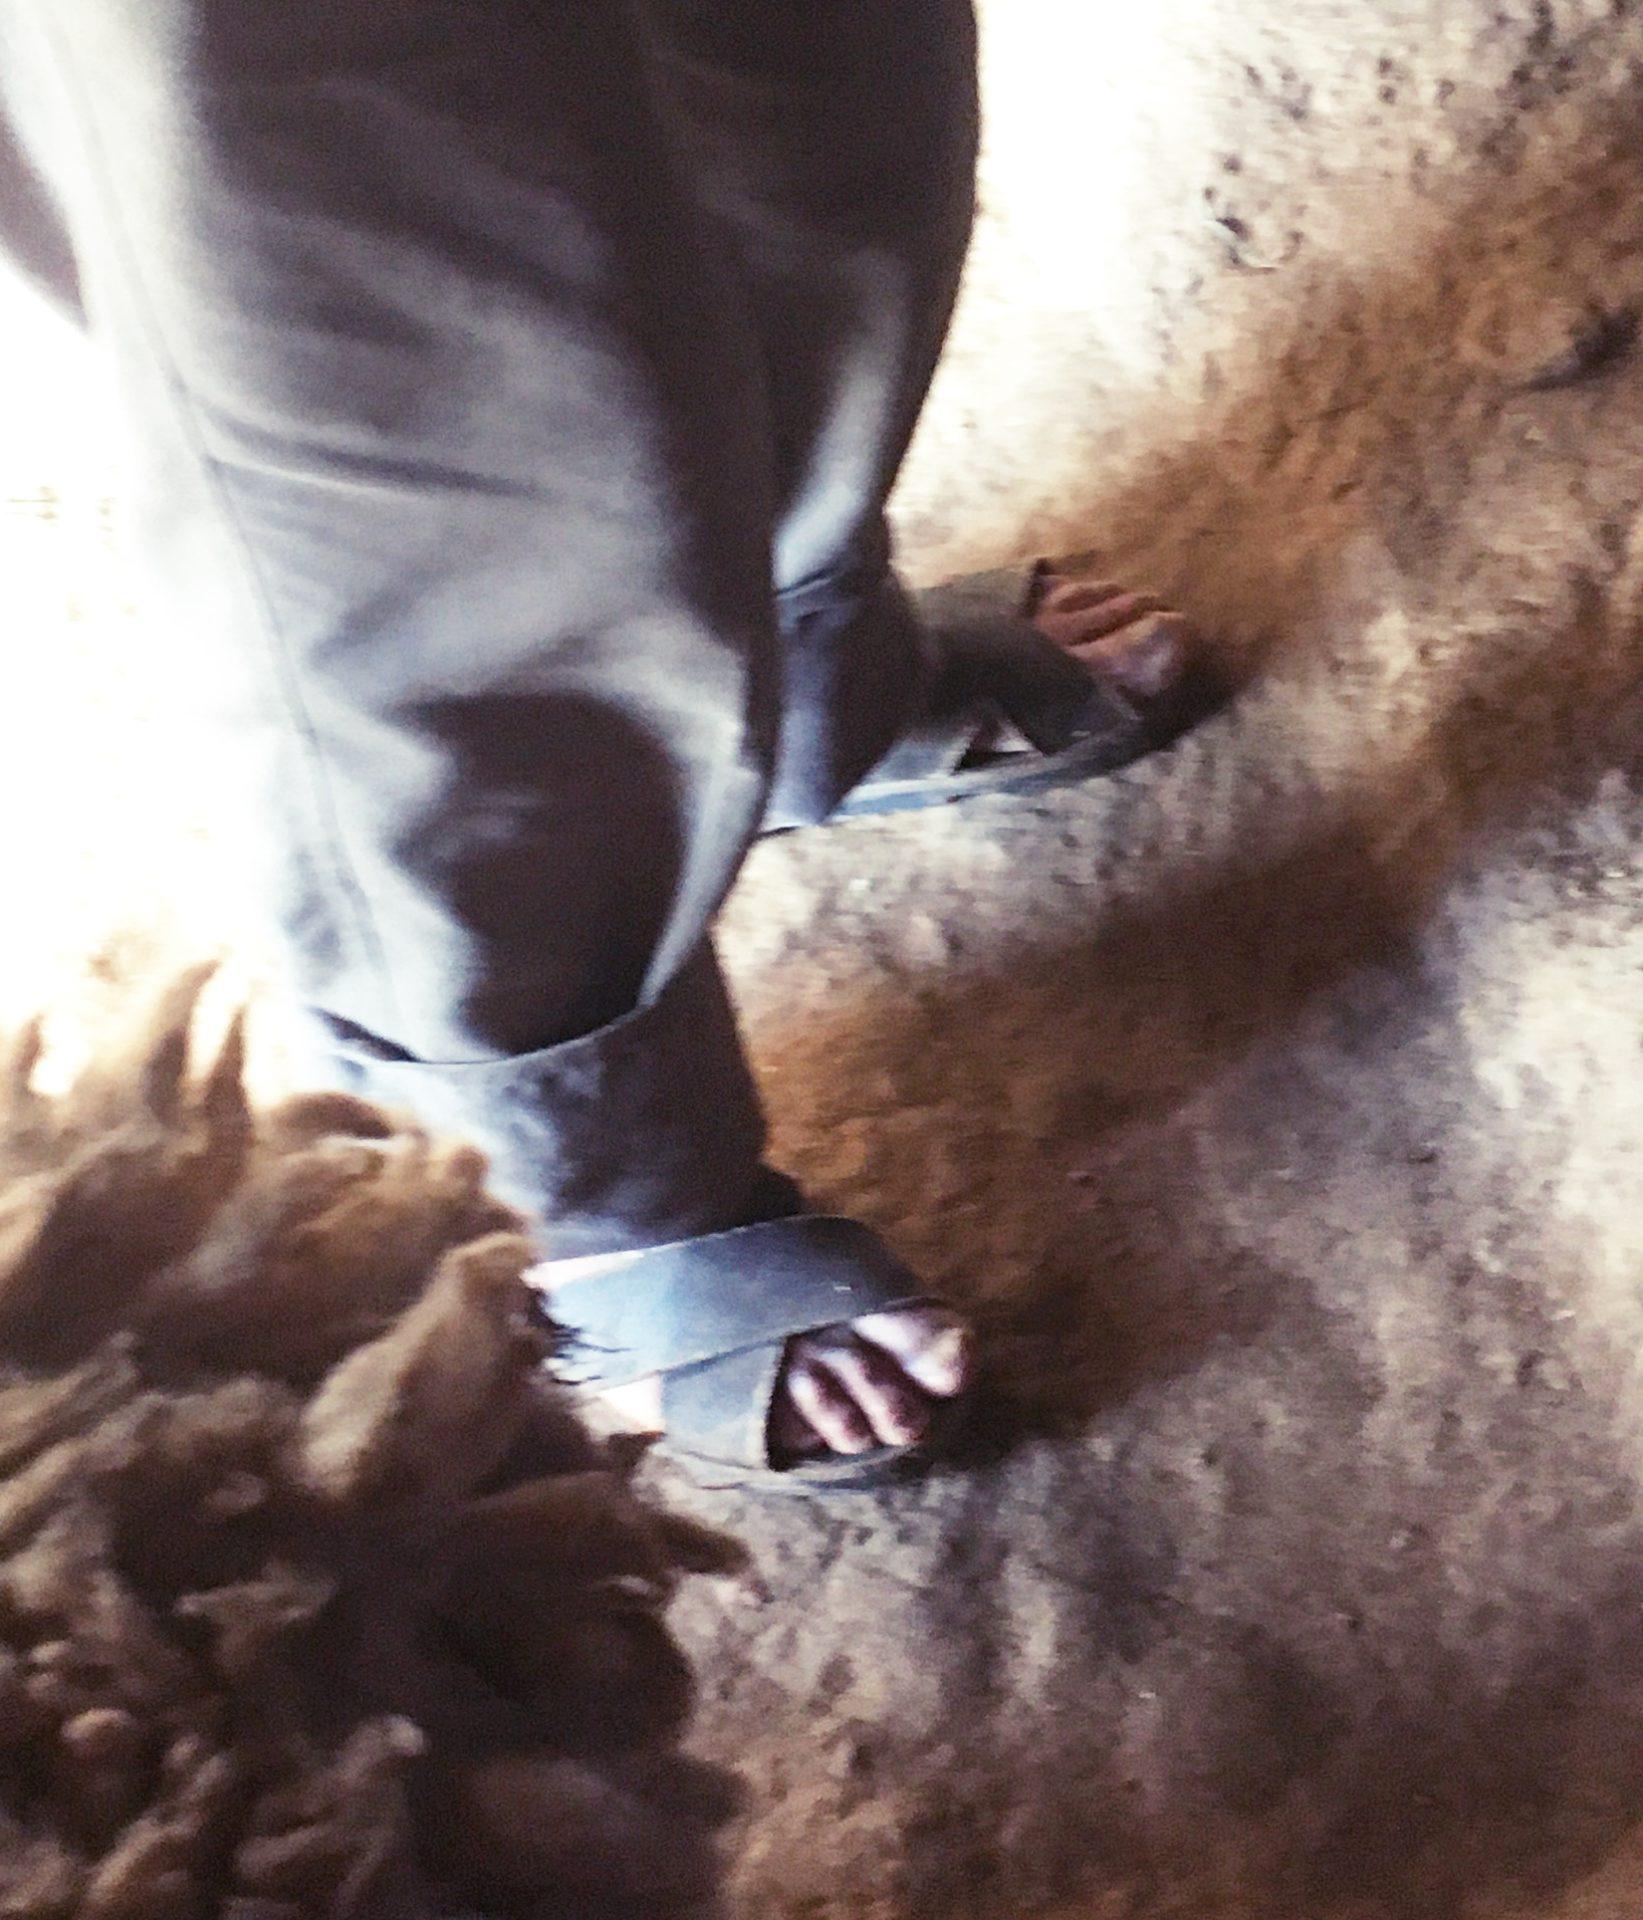 ペルー, 靴, サンダル, アンデス